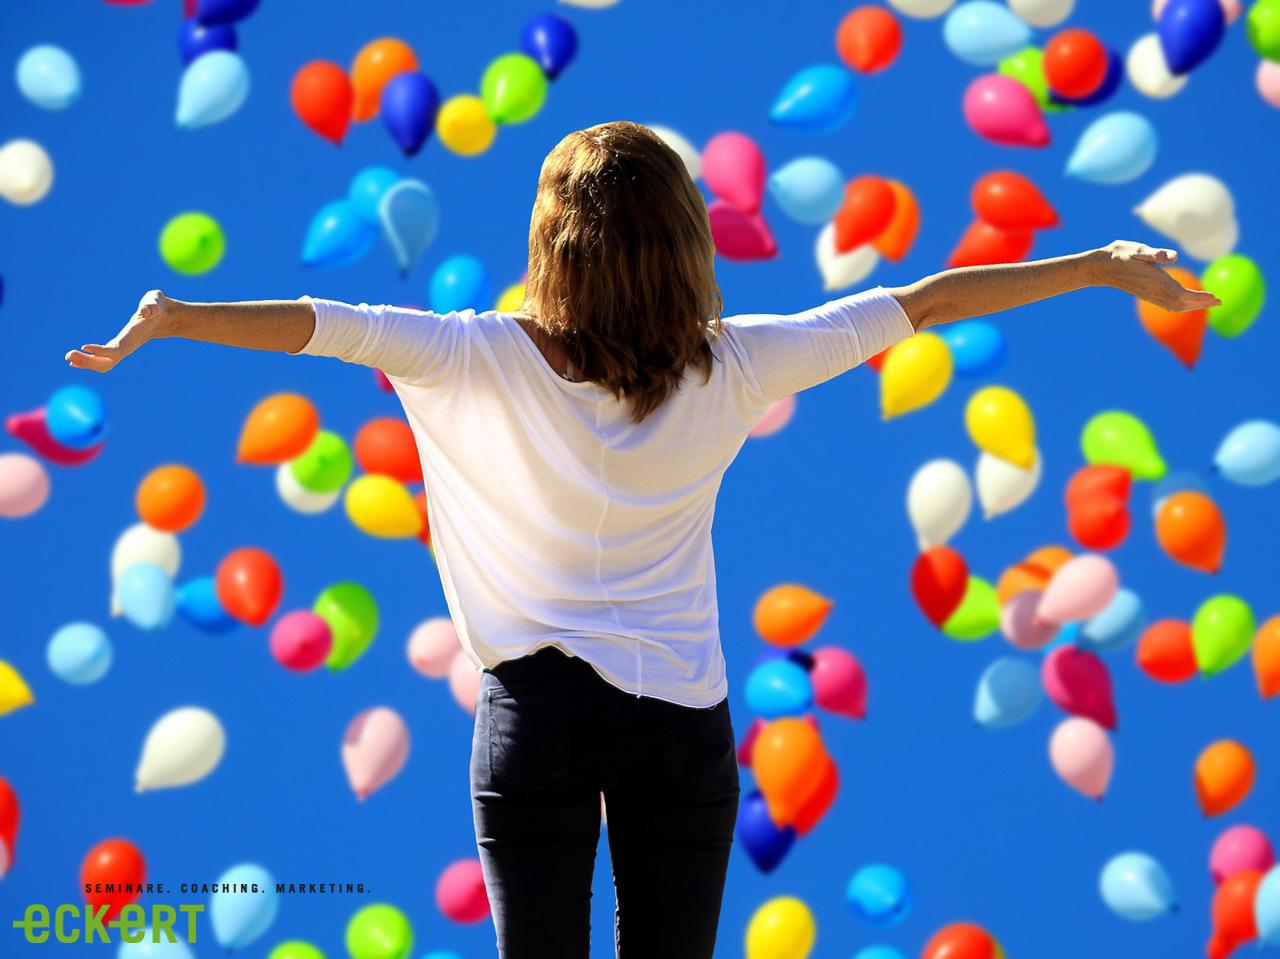 Verursachen Sie weniger Missverständnisse durch positive Formulierungen